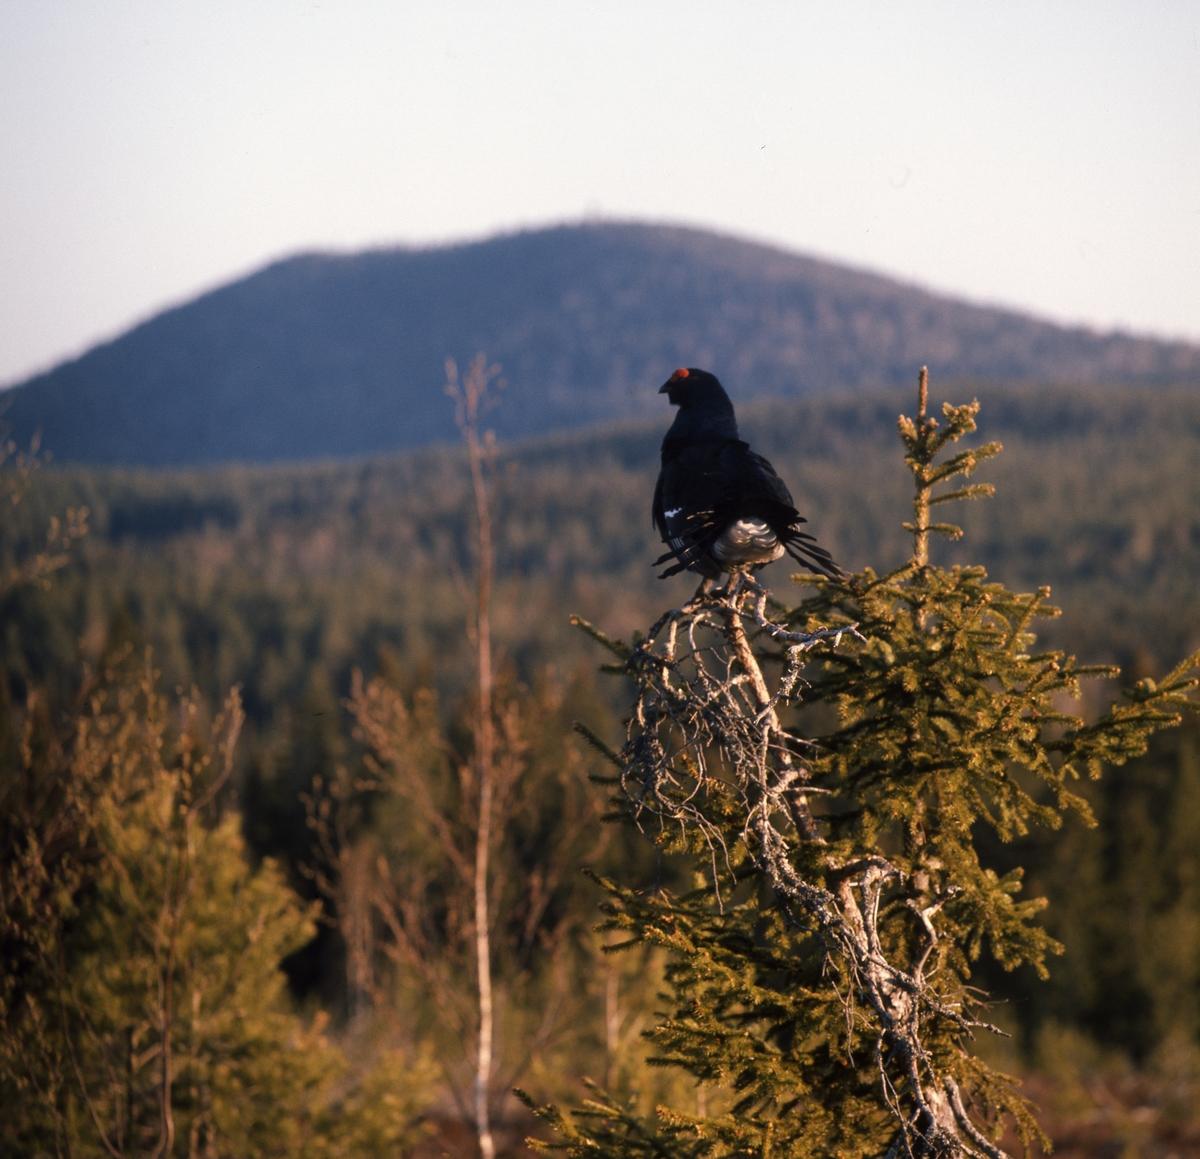 Orrtupp sitter i en torraka på en höjd i skogen. Svag sol över landskapet.